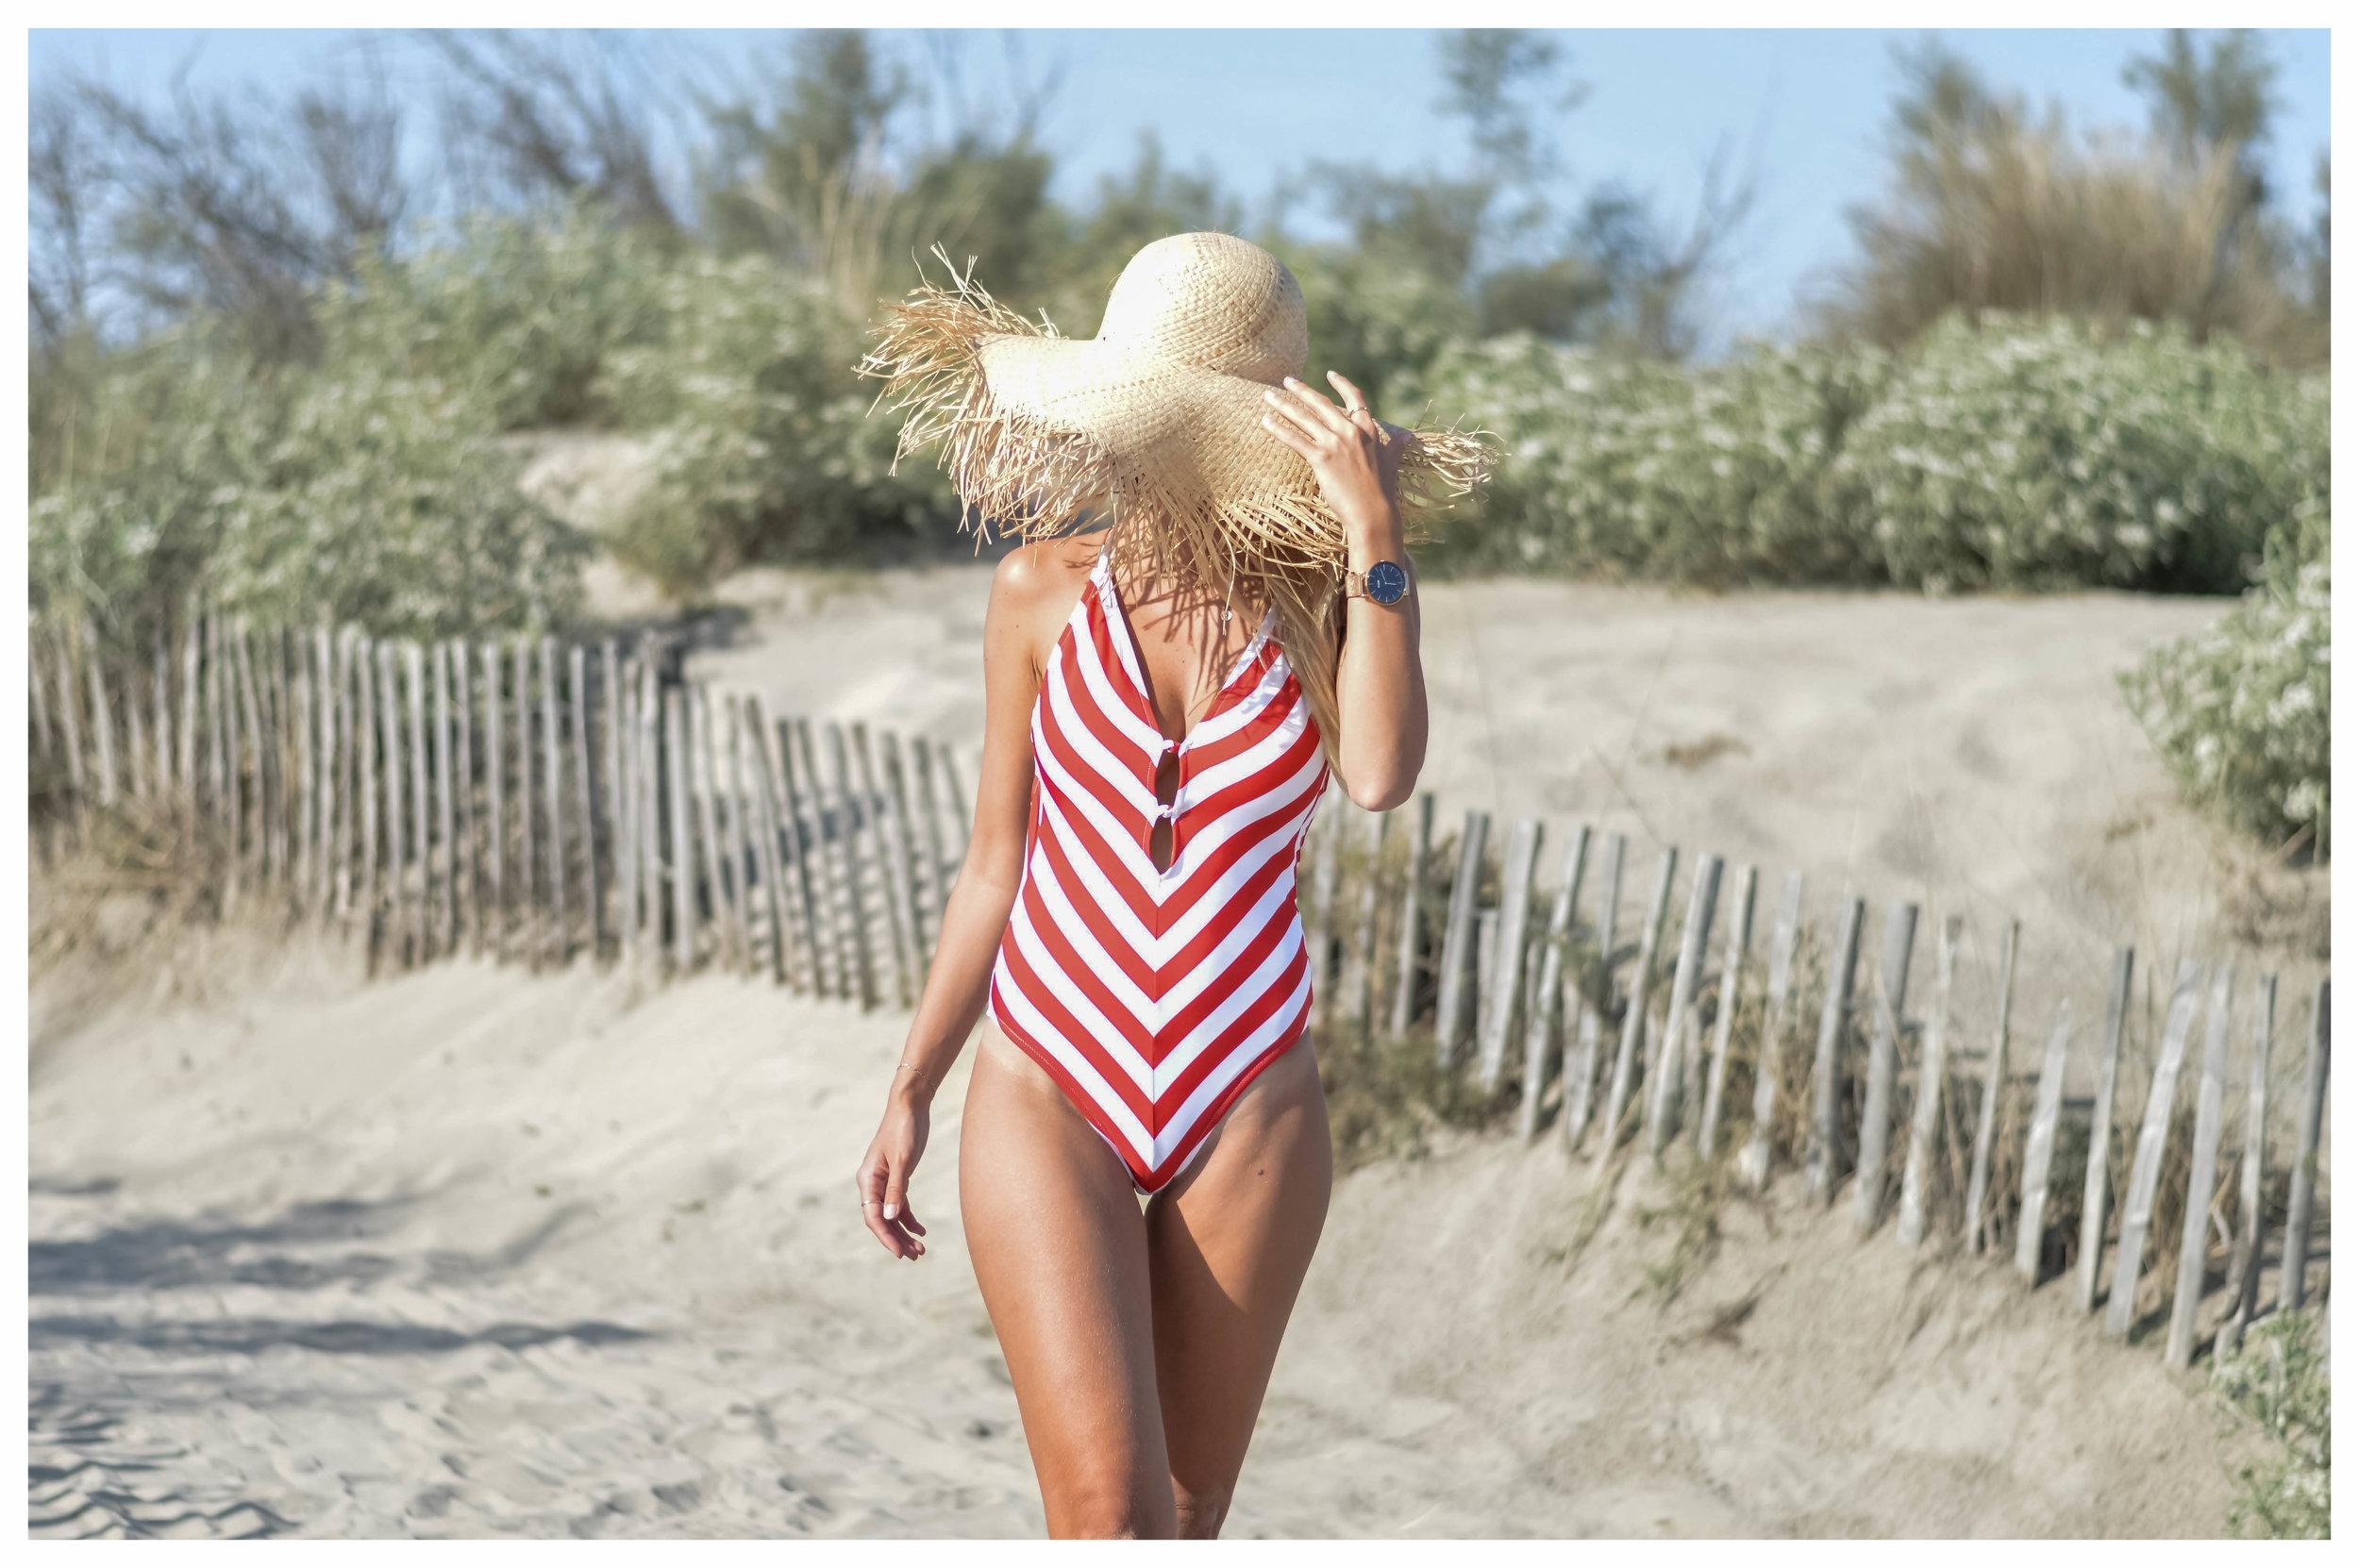 Red Stripes - OSIARAH.COM (26 sur 26).jpg